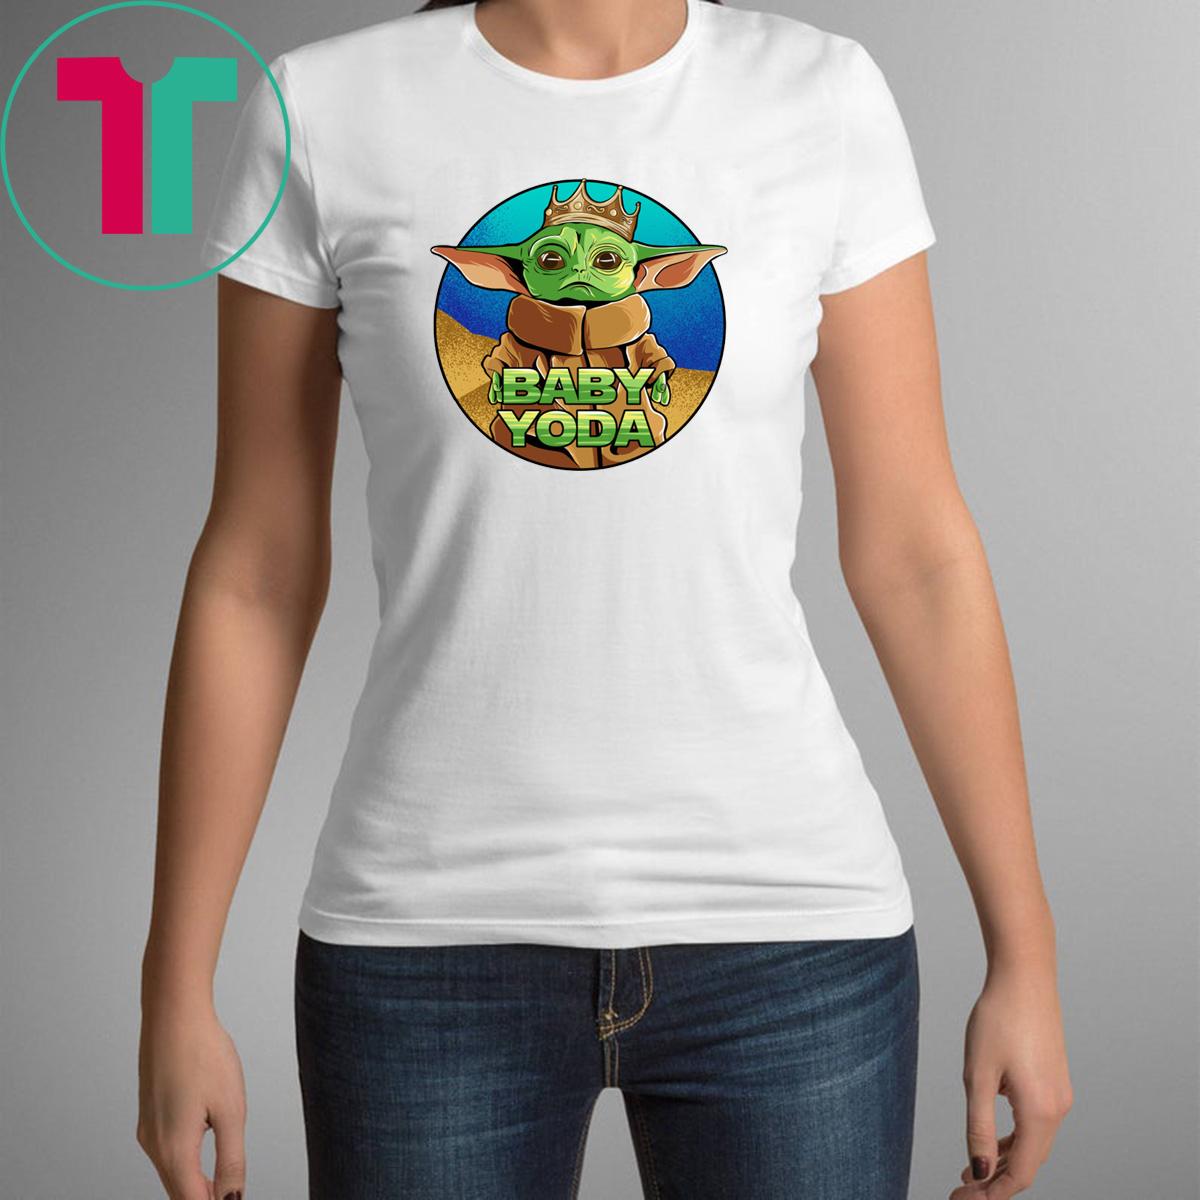 King Baby Yoda The Mandalorian T-Shirt